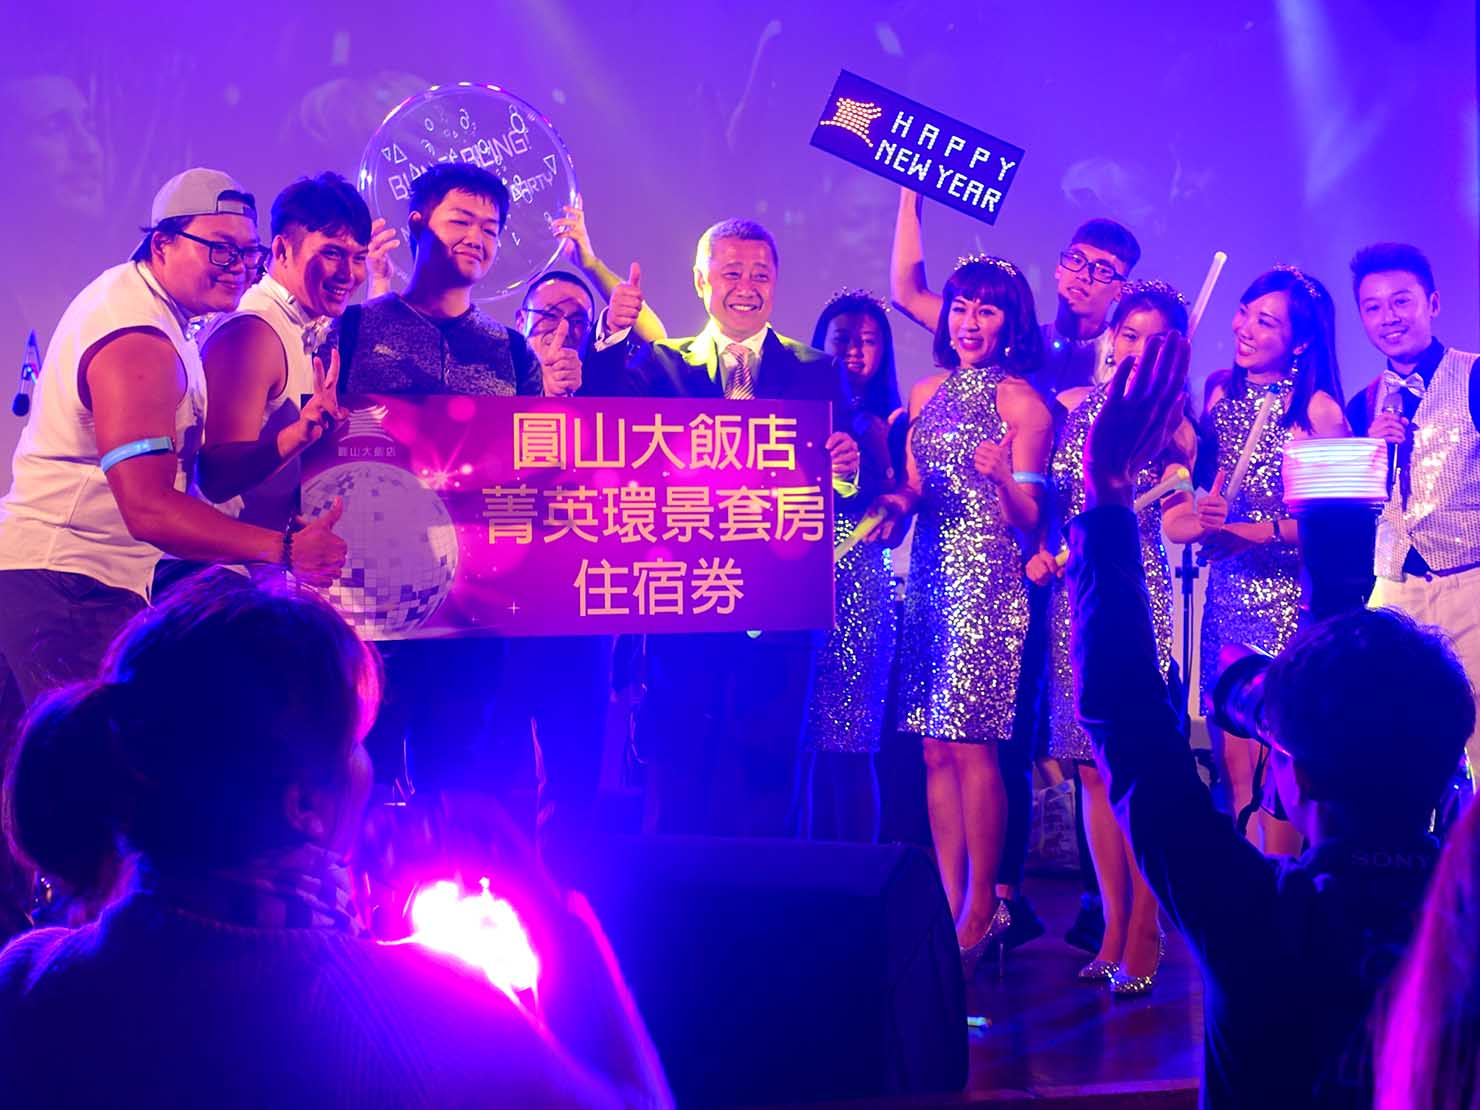 台北・圓山大飯店のカウントダウンパーティー「Bling Bling跨年派對」抽選に当選したお客さんと記念撮影